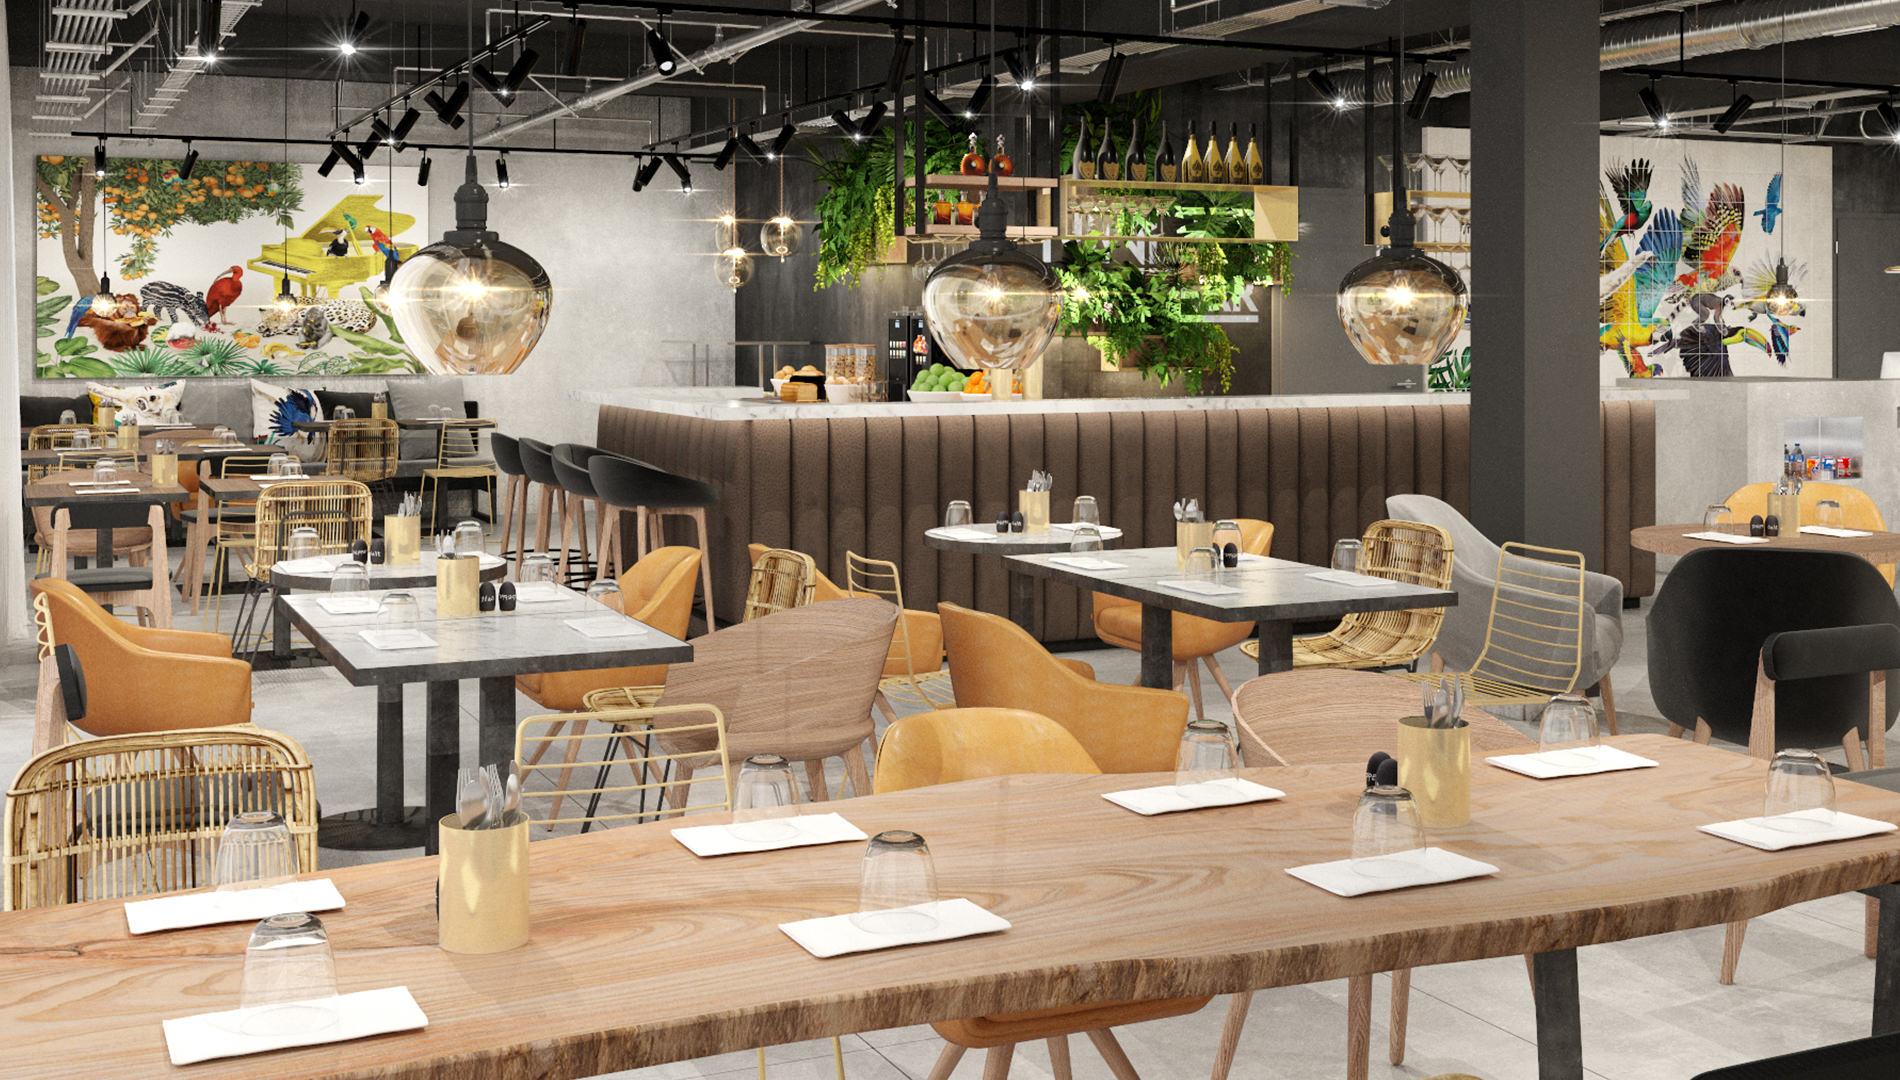 Destinationsentwicklung Ninety Nine Hotels Wuppertal Hotel Design Restaurant Speiseraum Bar Going Places